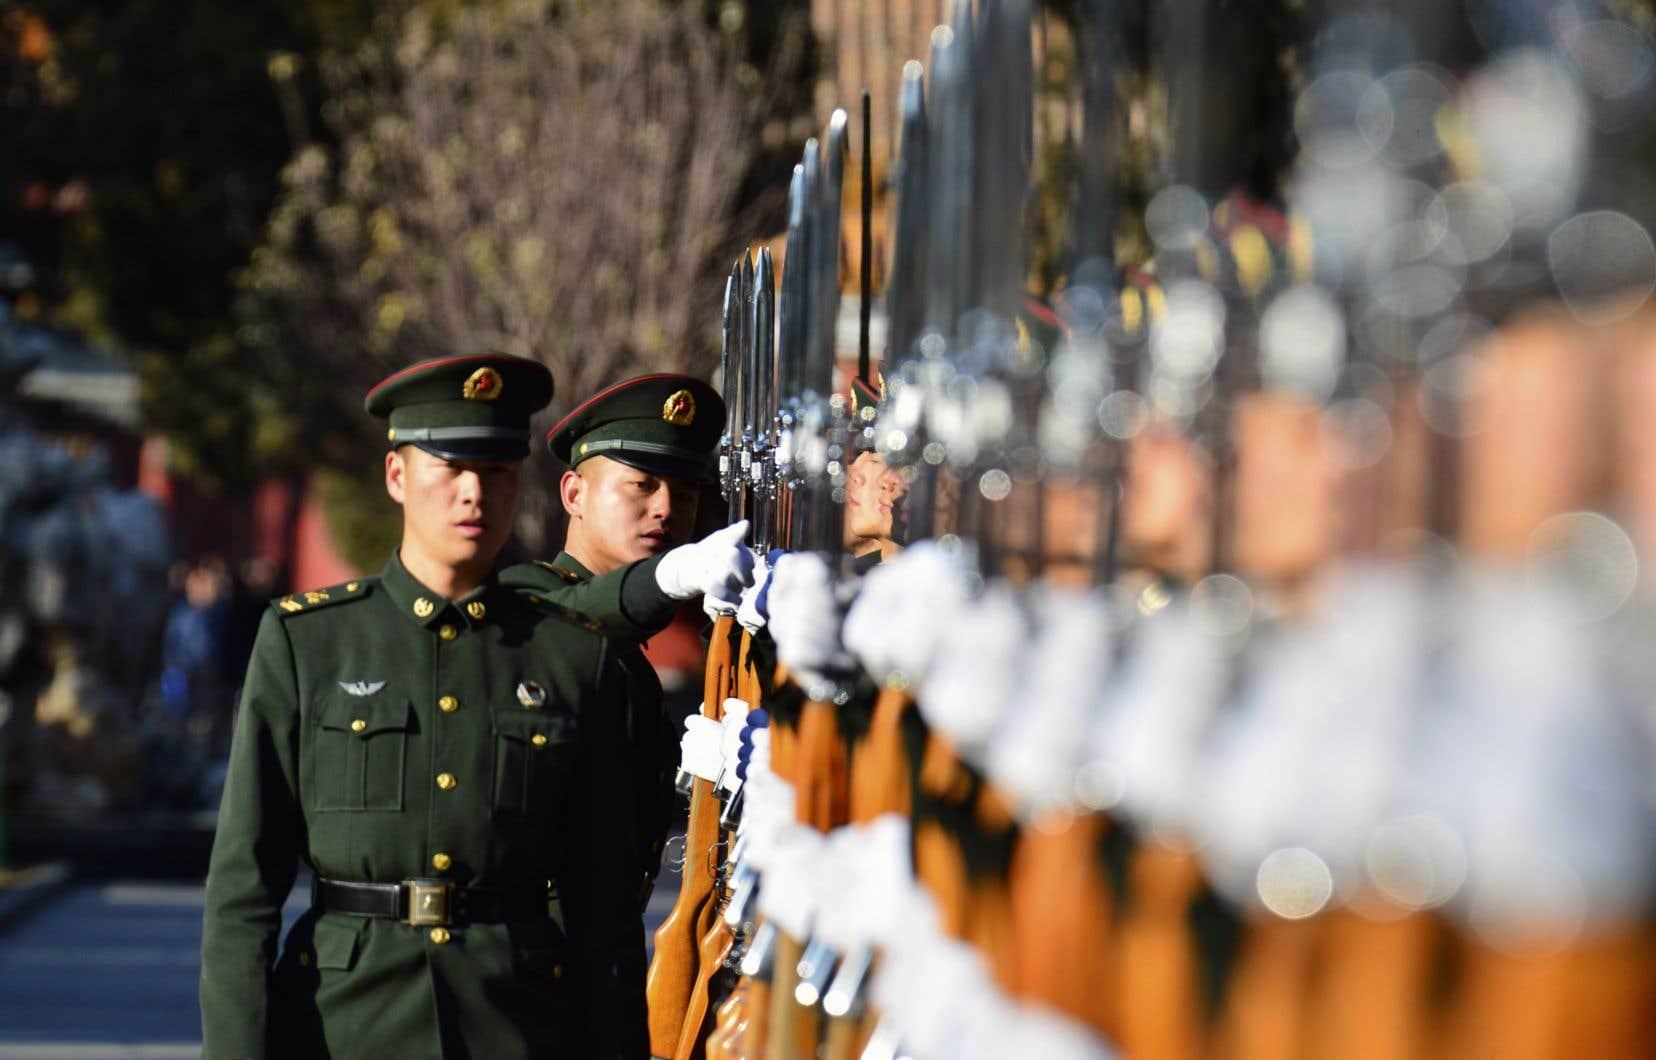 Seconde puissance militaire derrière les États-Unis, la Chine se déploie de plus en plus dans certaines régions du monde, soulignent les auteurs.